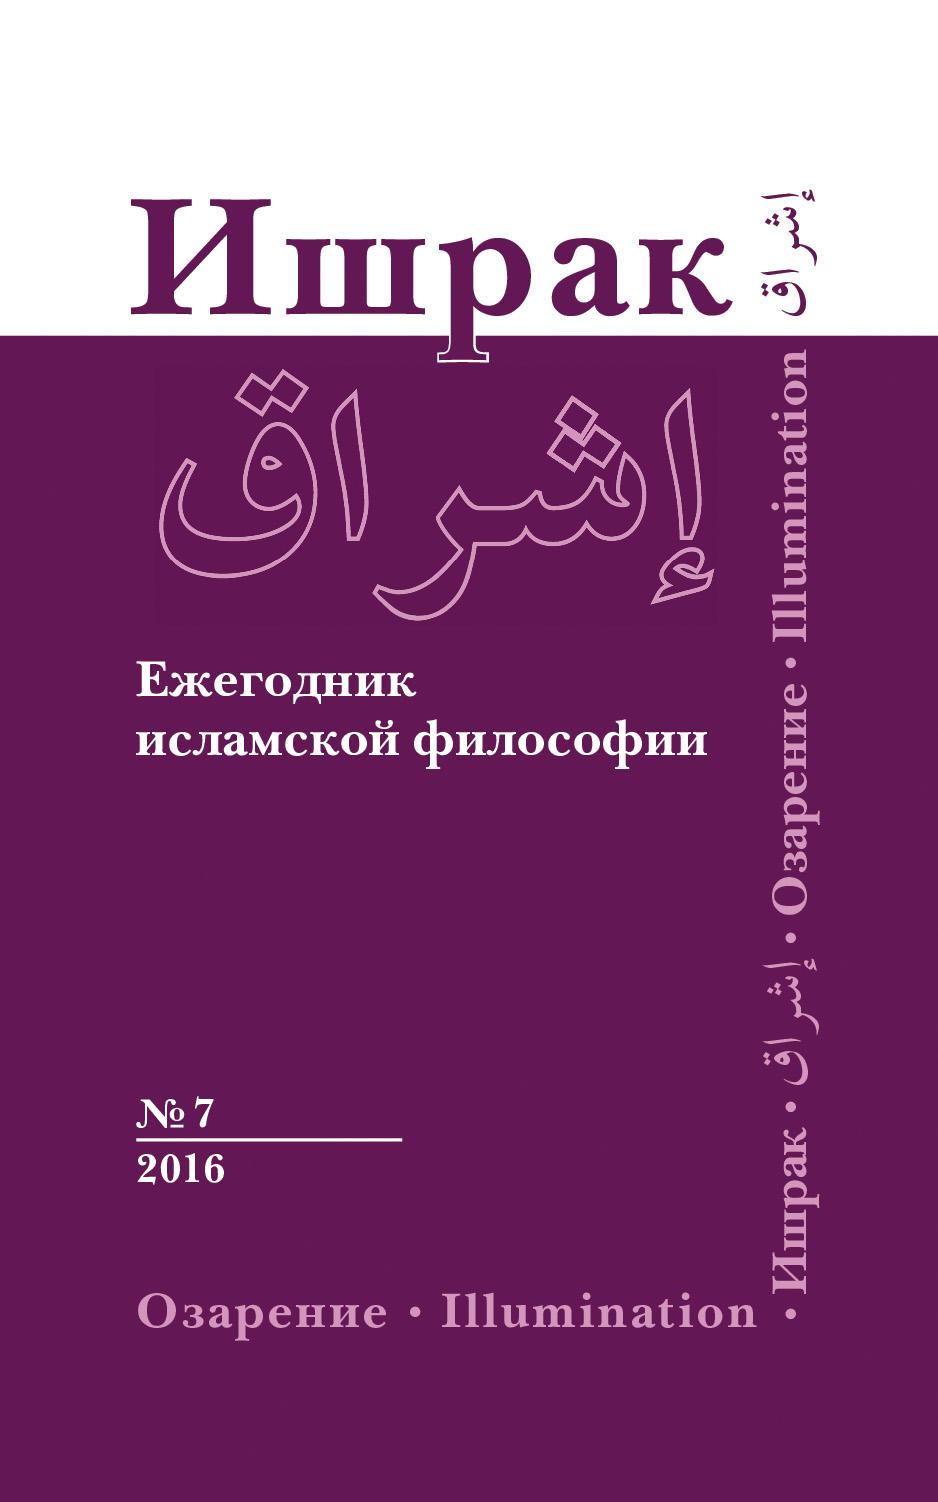 Коллектив авторов Ишрак. Ежегодник исламской философии №7, 2016 / Ishraq. Islamic Philosophy Yearbook №7, 2016 islamic banking efficiency